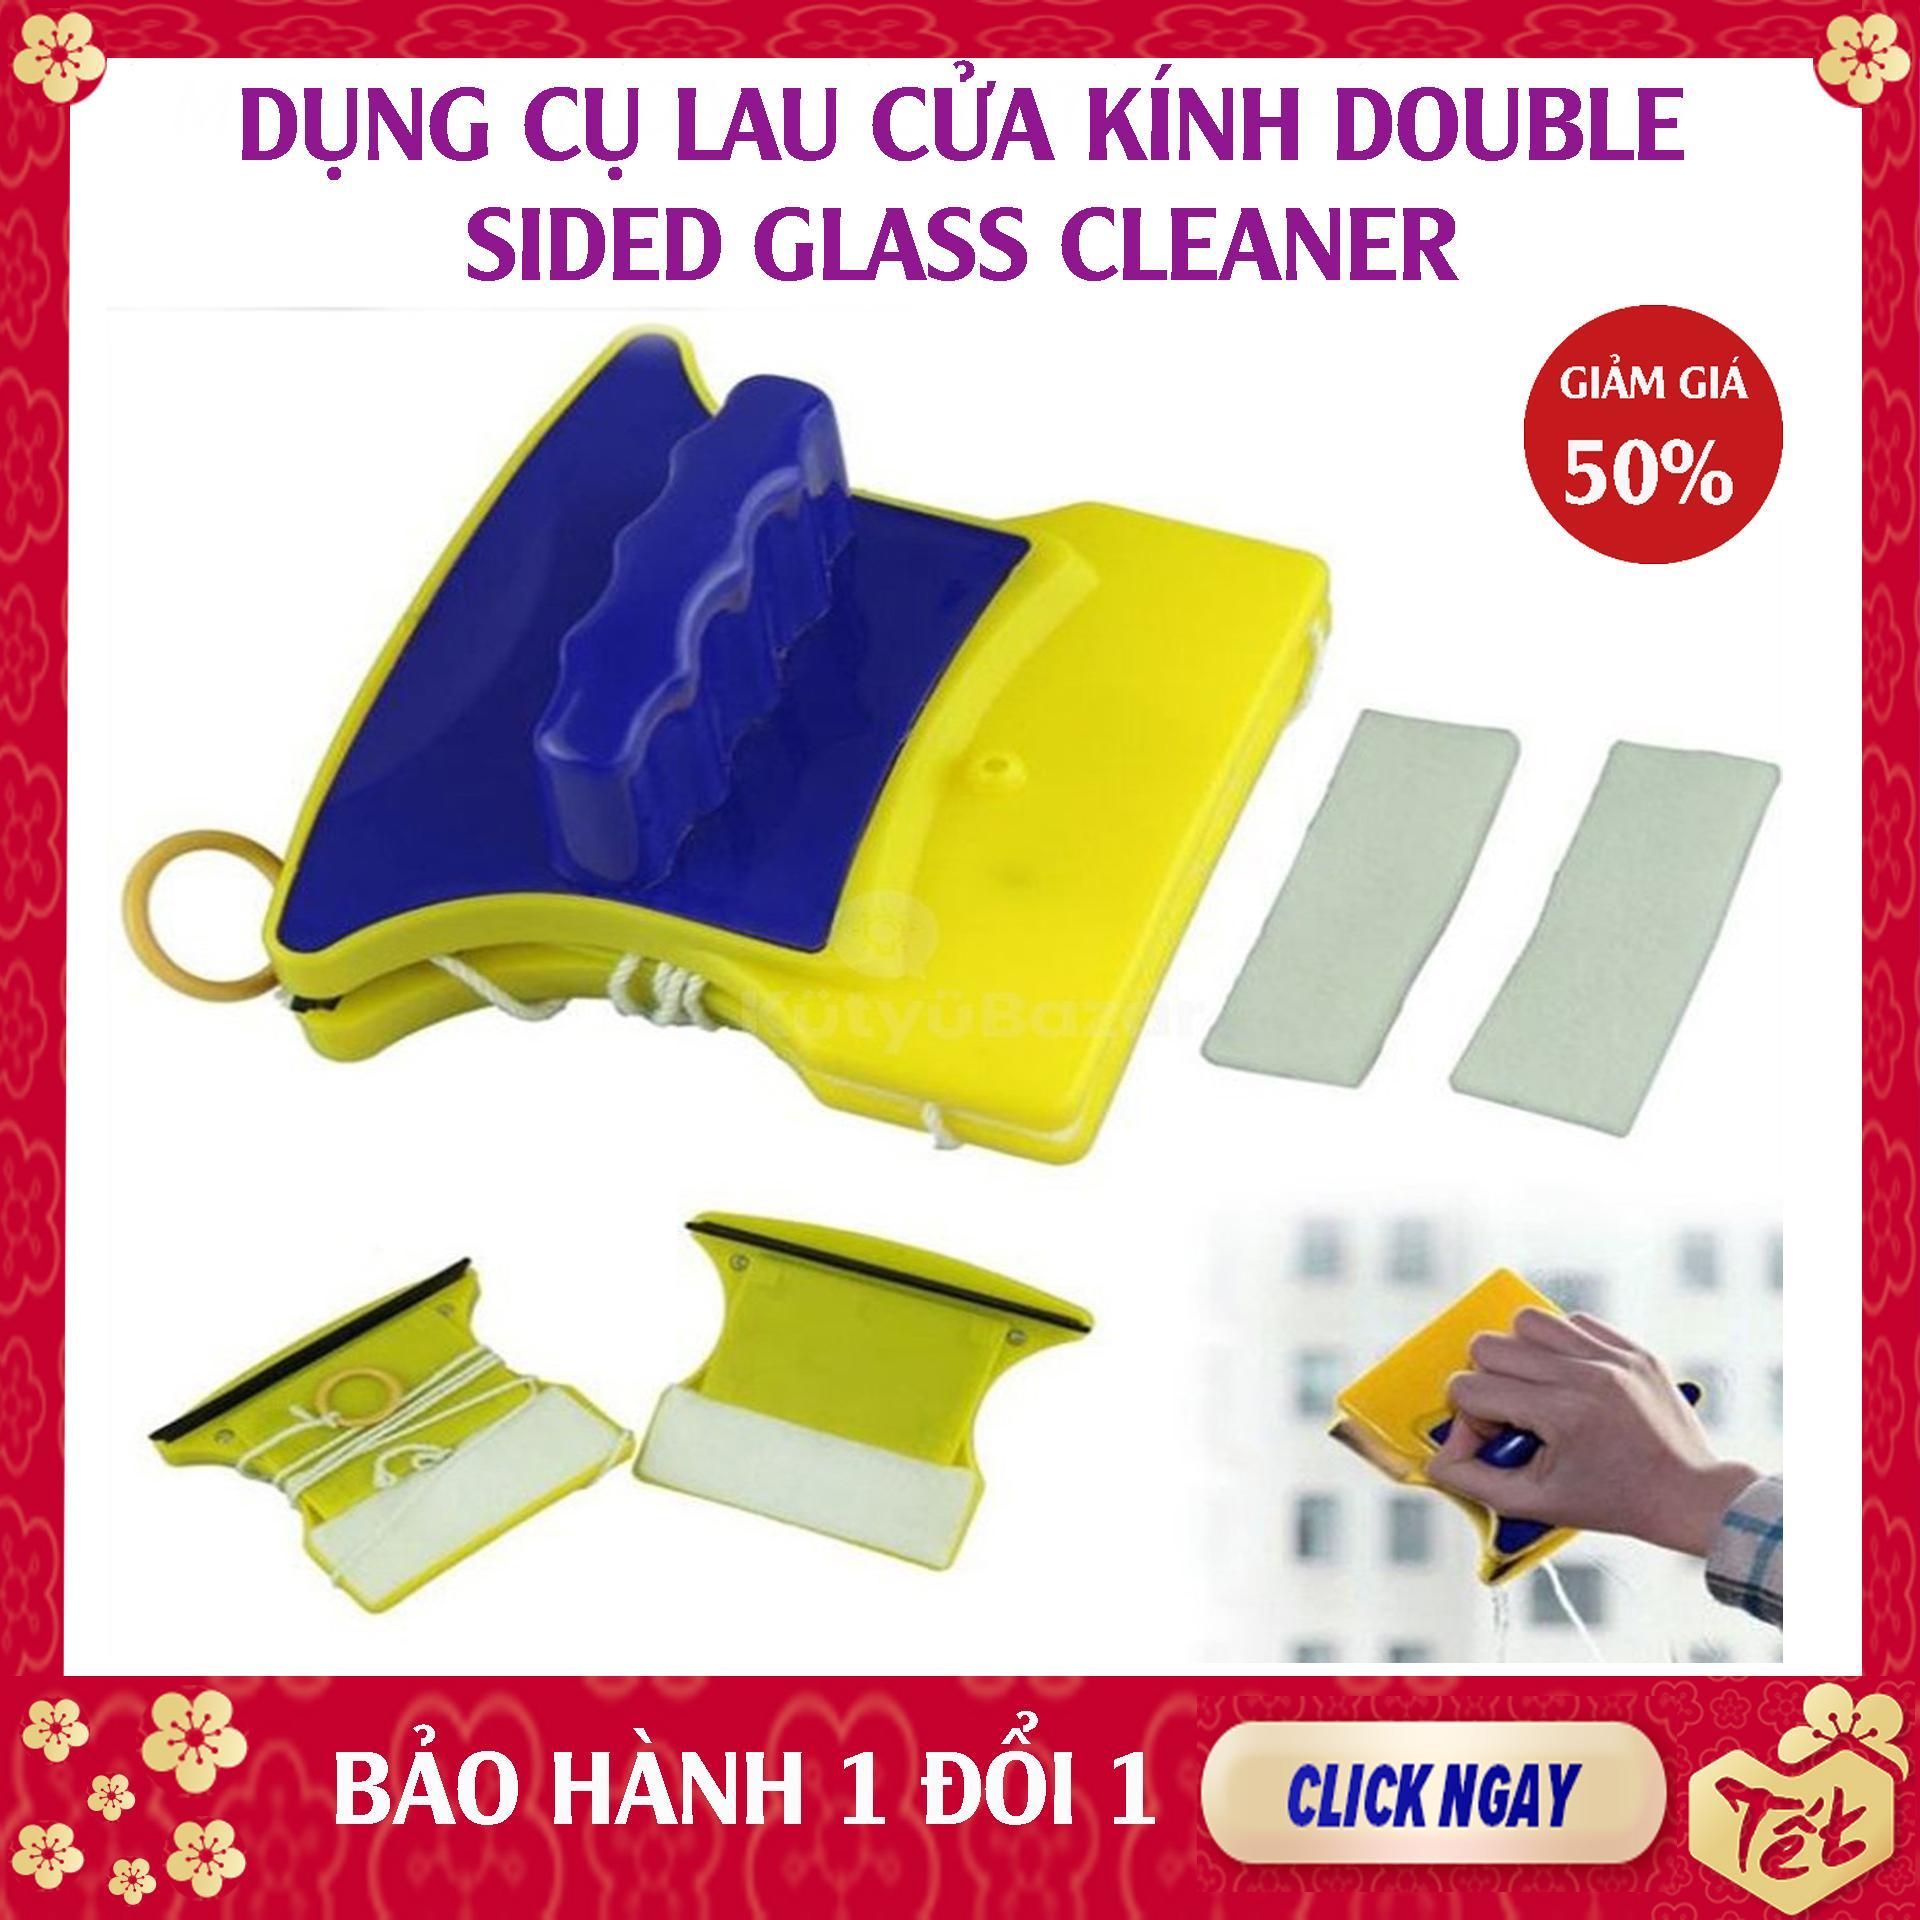 Dụng cụ lau kính - Miếng Lau cửa kính 2 mặt Nam châm - Thiết kế 2 miếng nam châm dính với nhau , Làm sạch cửa kính trên cao dễ dàng - Cây lau kính cao tầng - Lau cửa kính chung cư - Sgmall